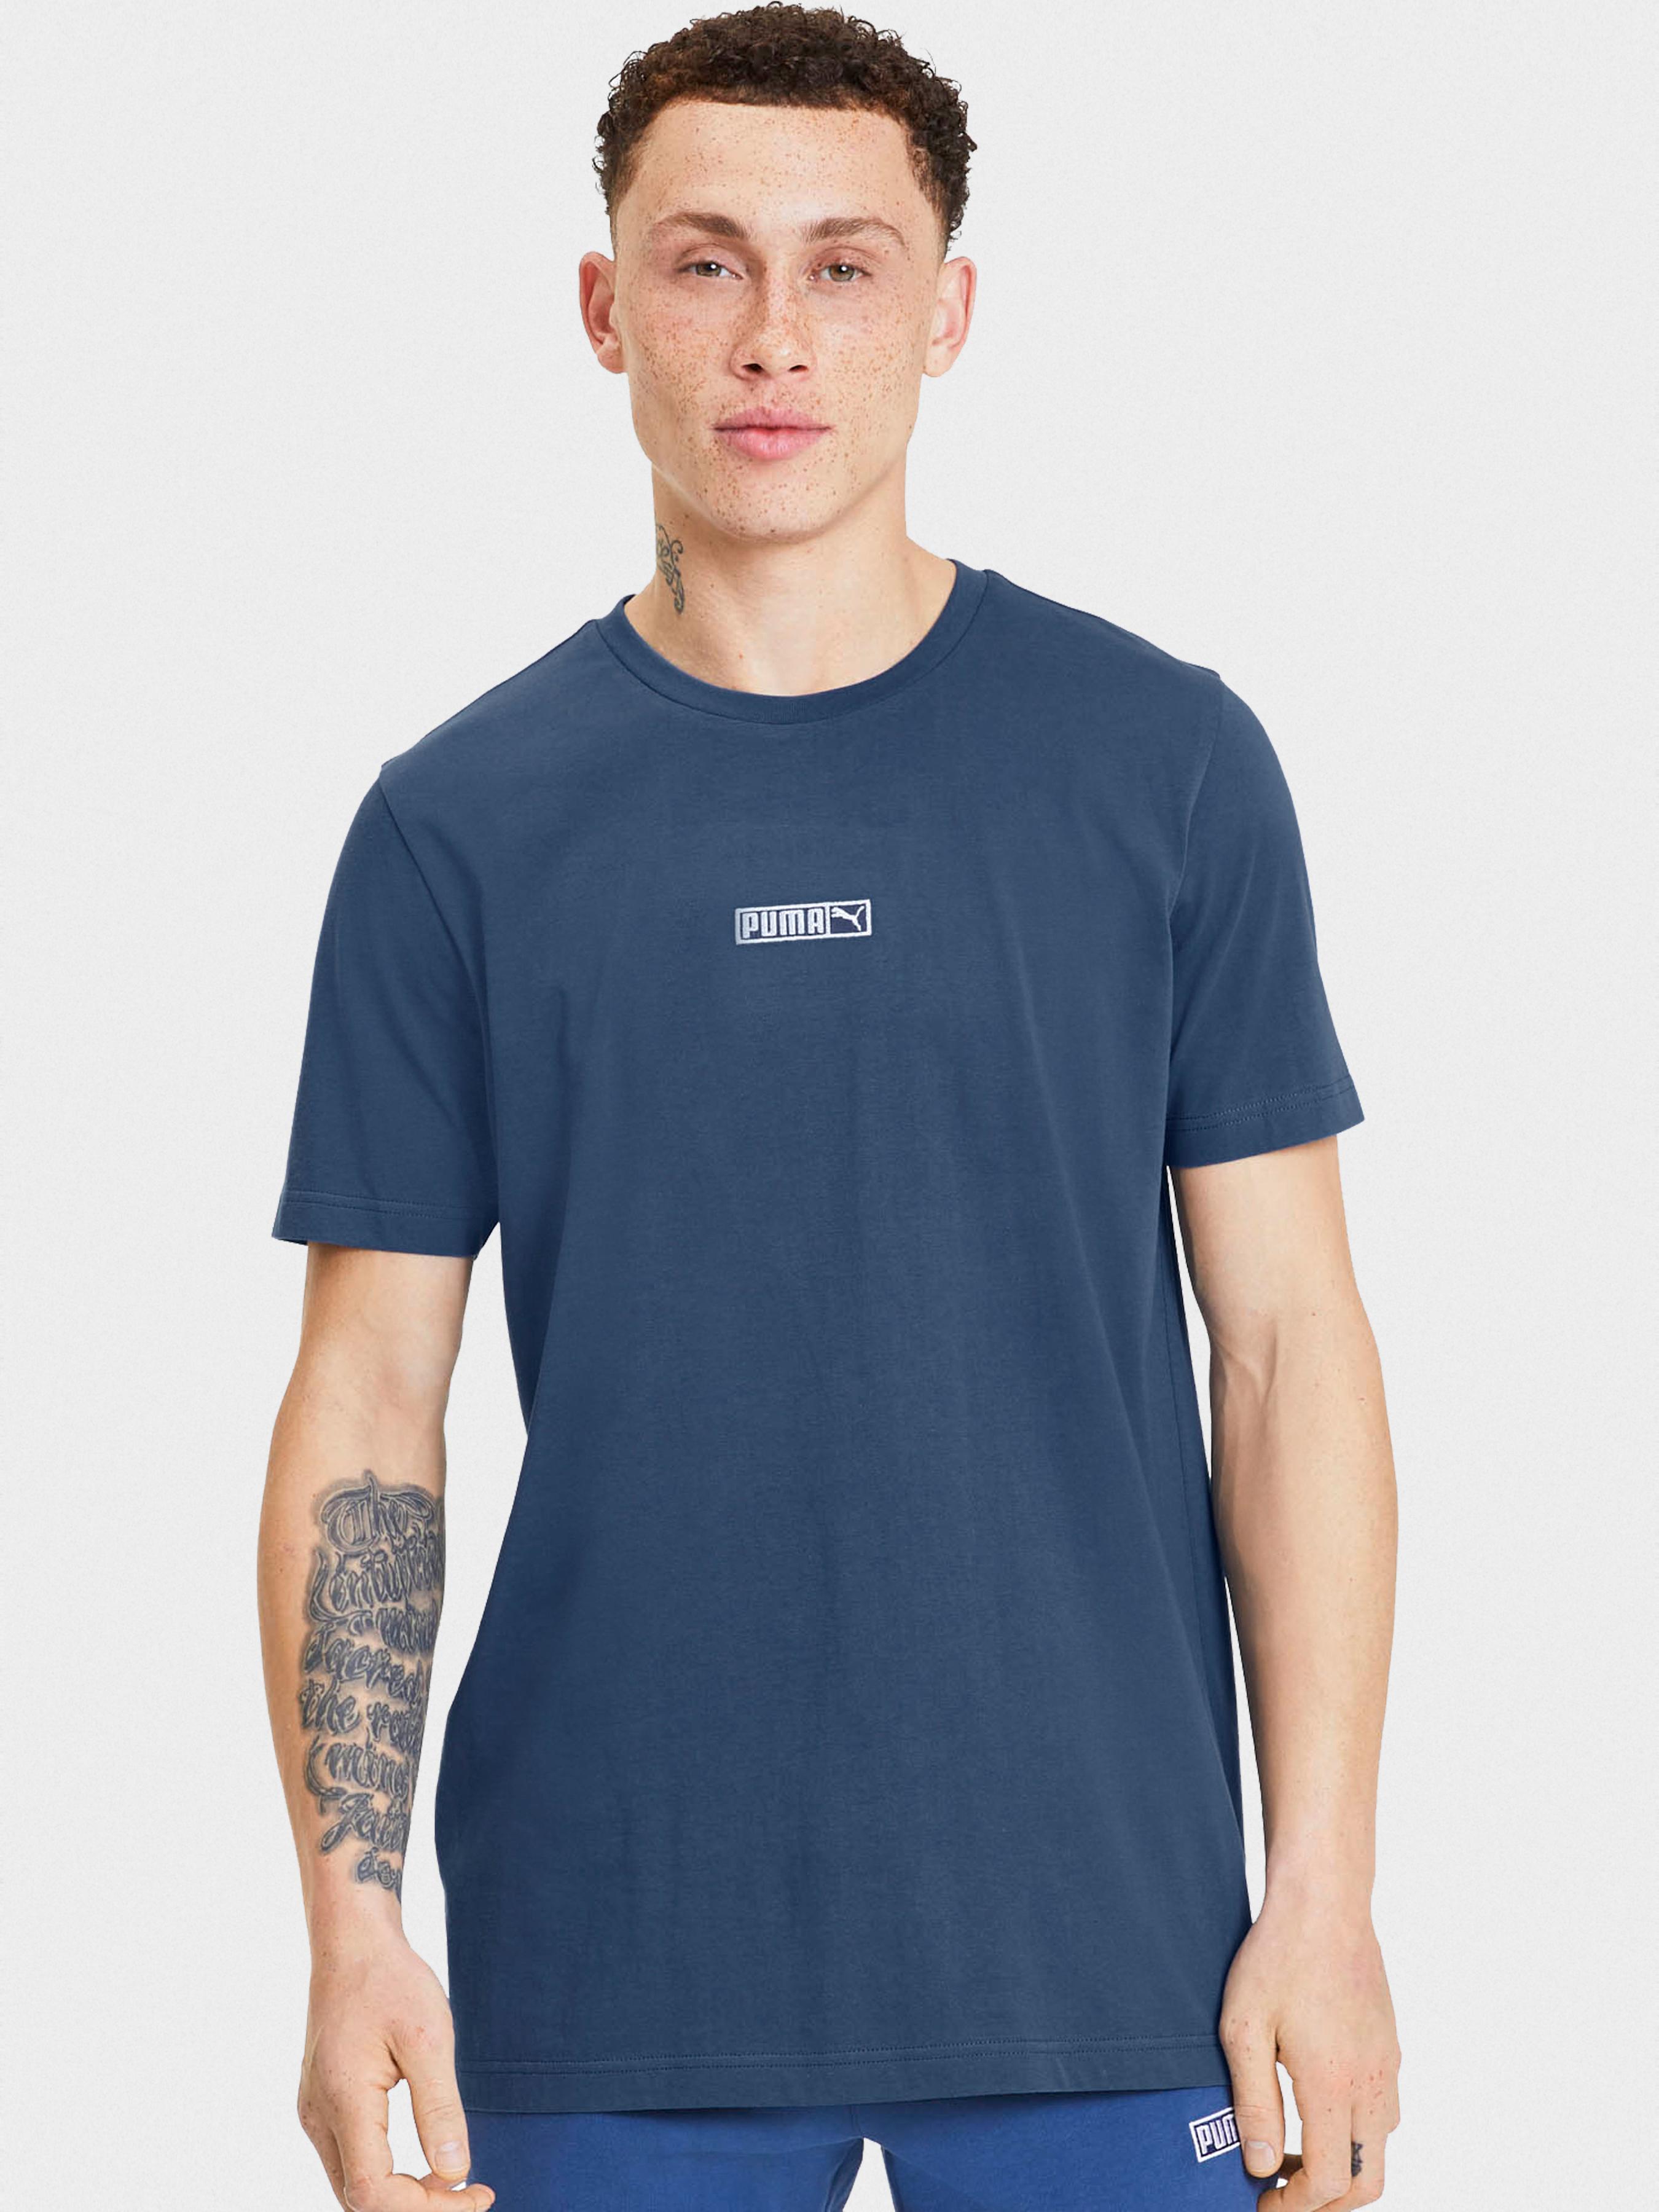 Купить Футболка мужские модель 9Z167, PUMA, Синий